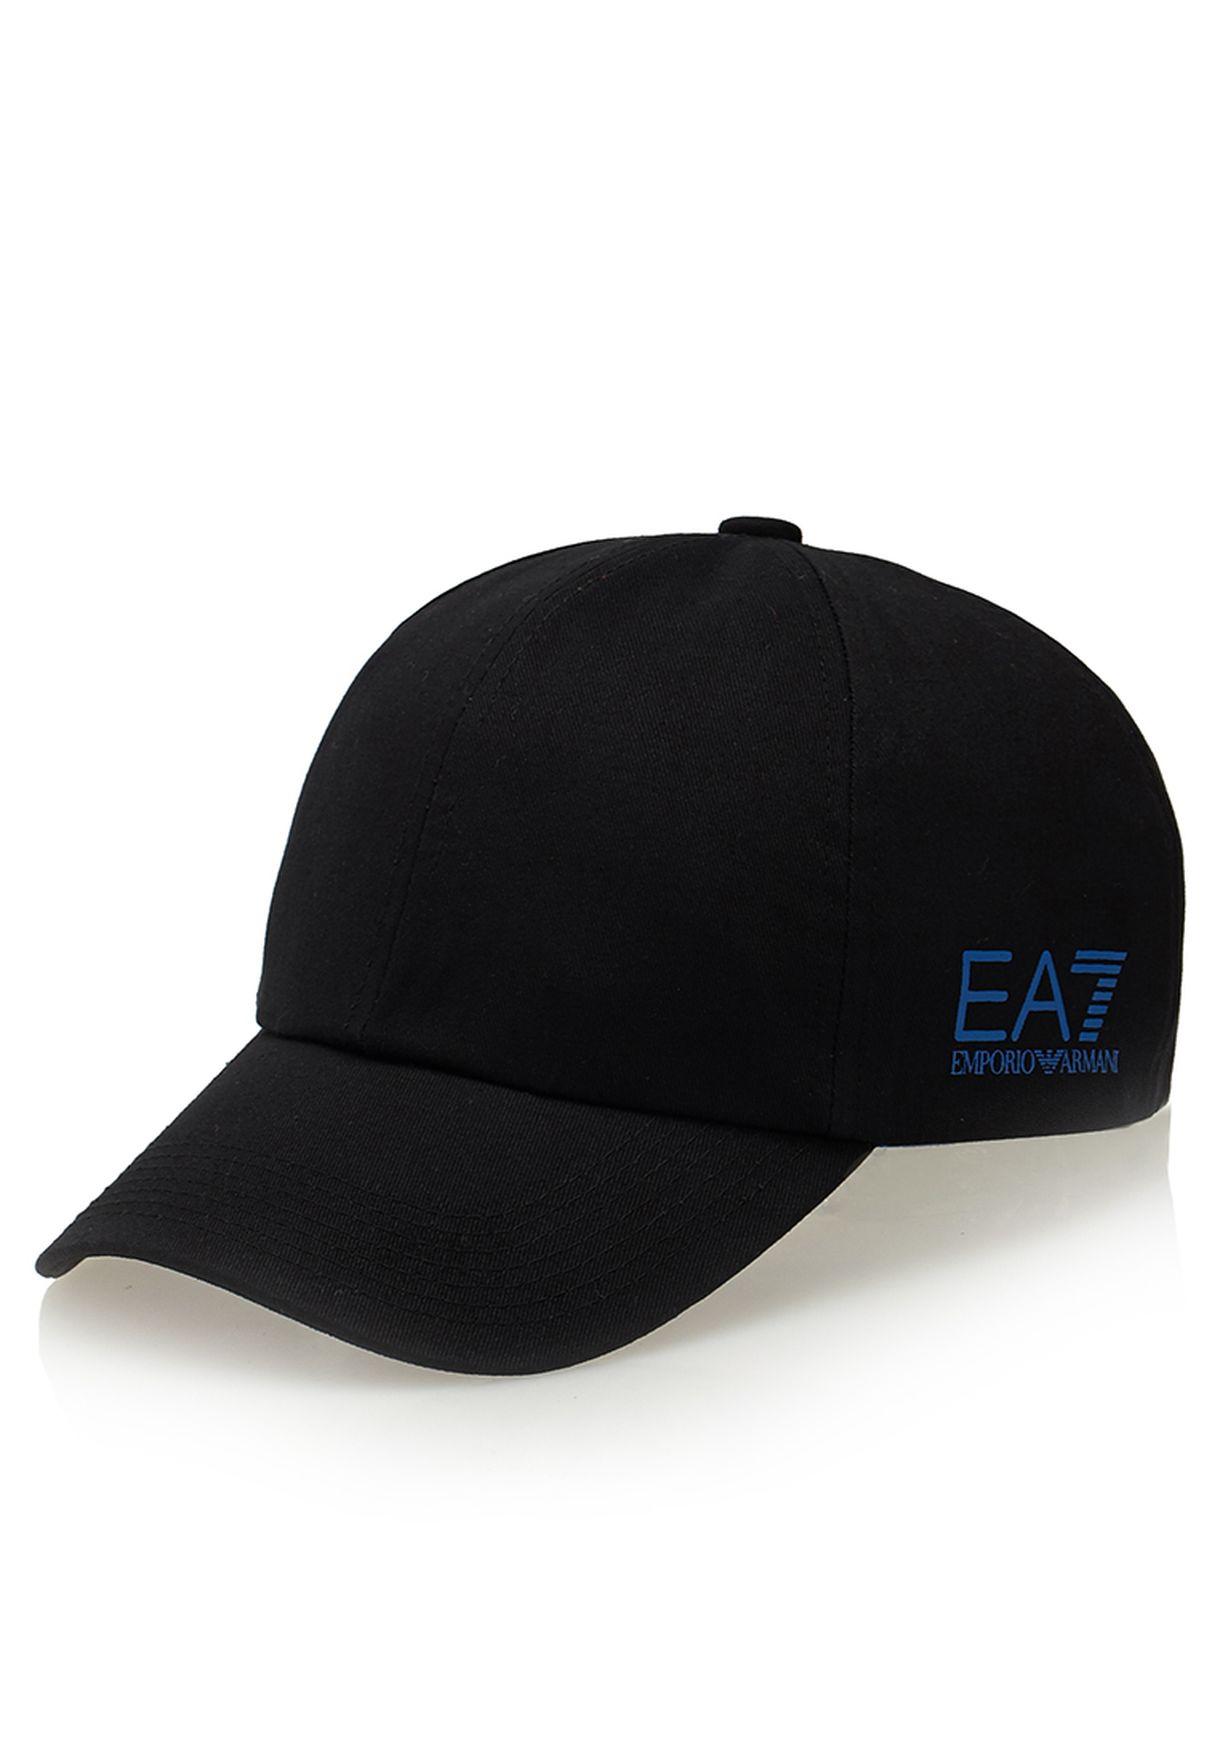 6fdd5d25 Shop Ea7 Emporio Armani black Core Baseball Cap for Men in Qatar ...